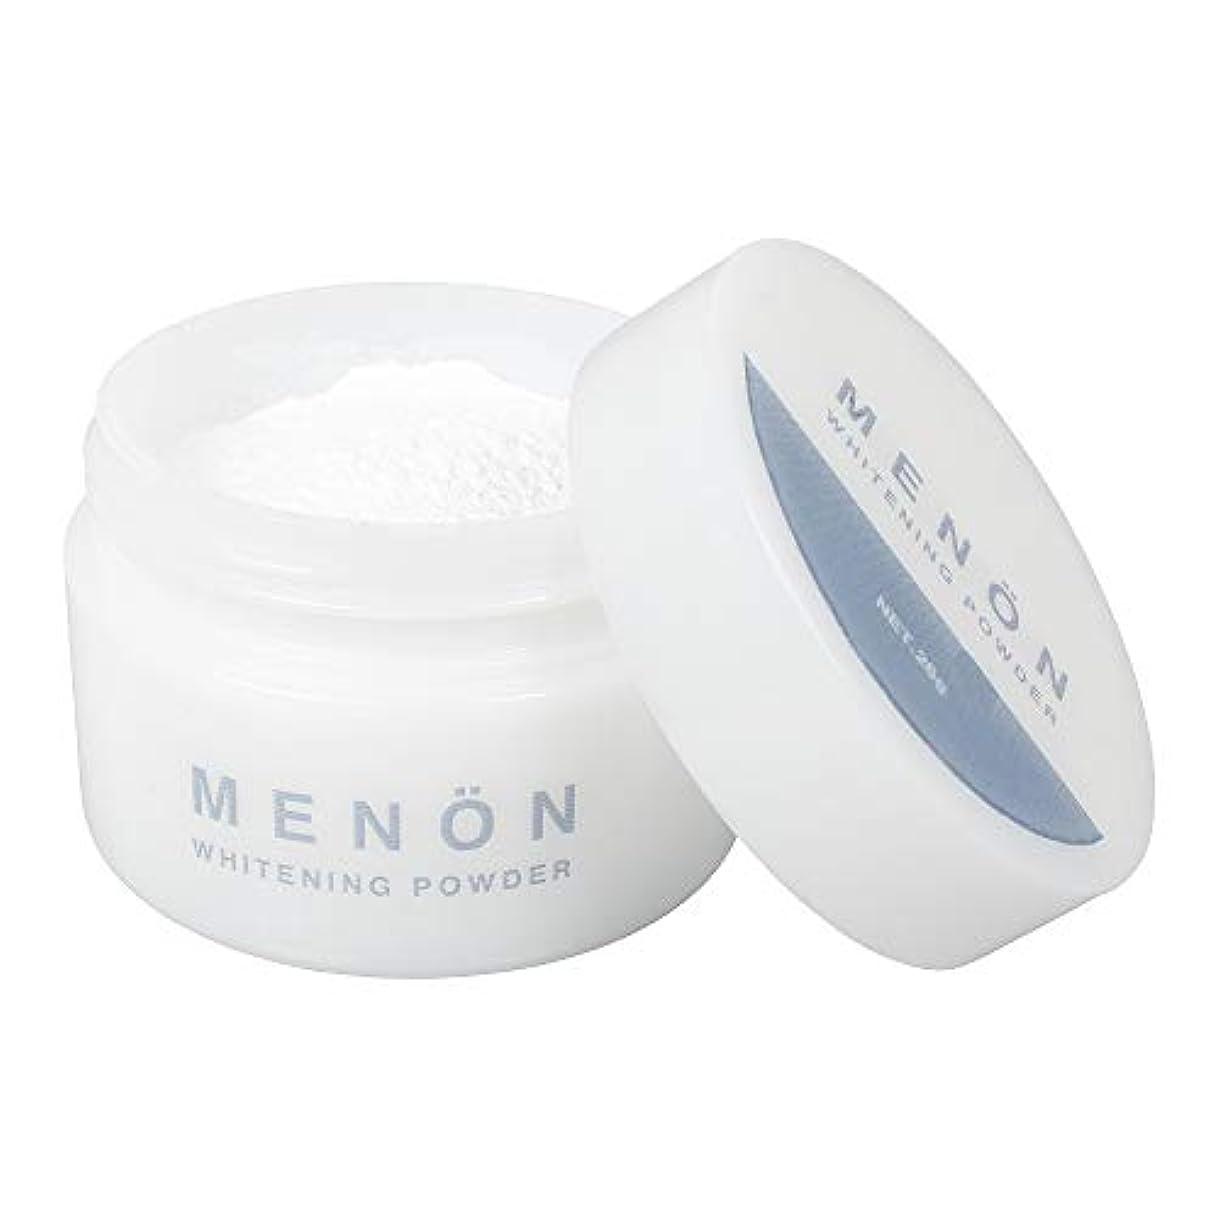 MENON 【ホワイトニングパウダー】 26g ハーブミント 天然アパタイト40%配合 ホワイトニング 歯周病 口臭予防 歯磨き粉 ハミガキ ブラッシング として メノン